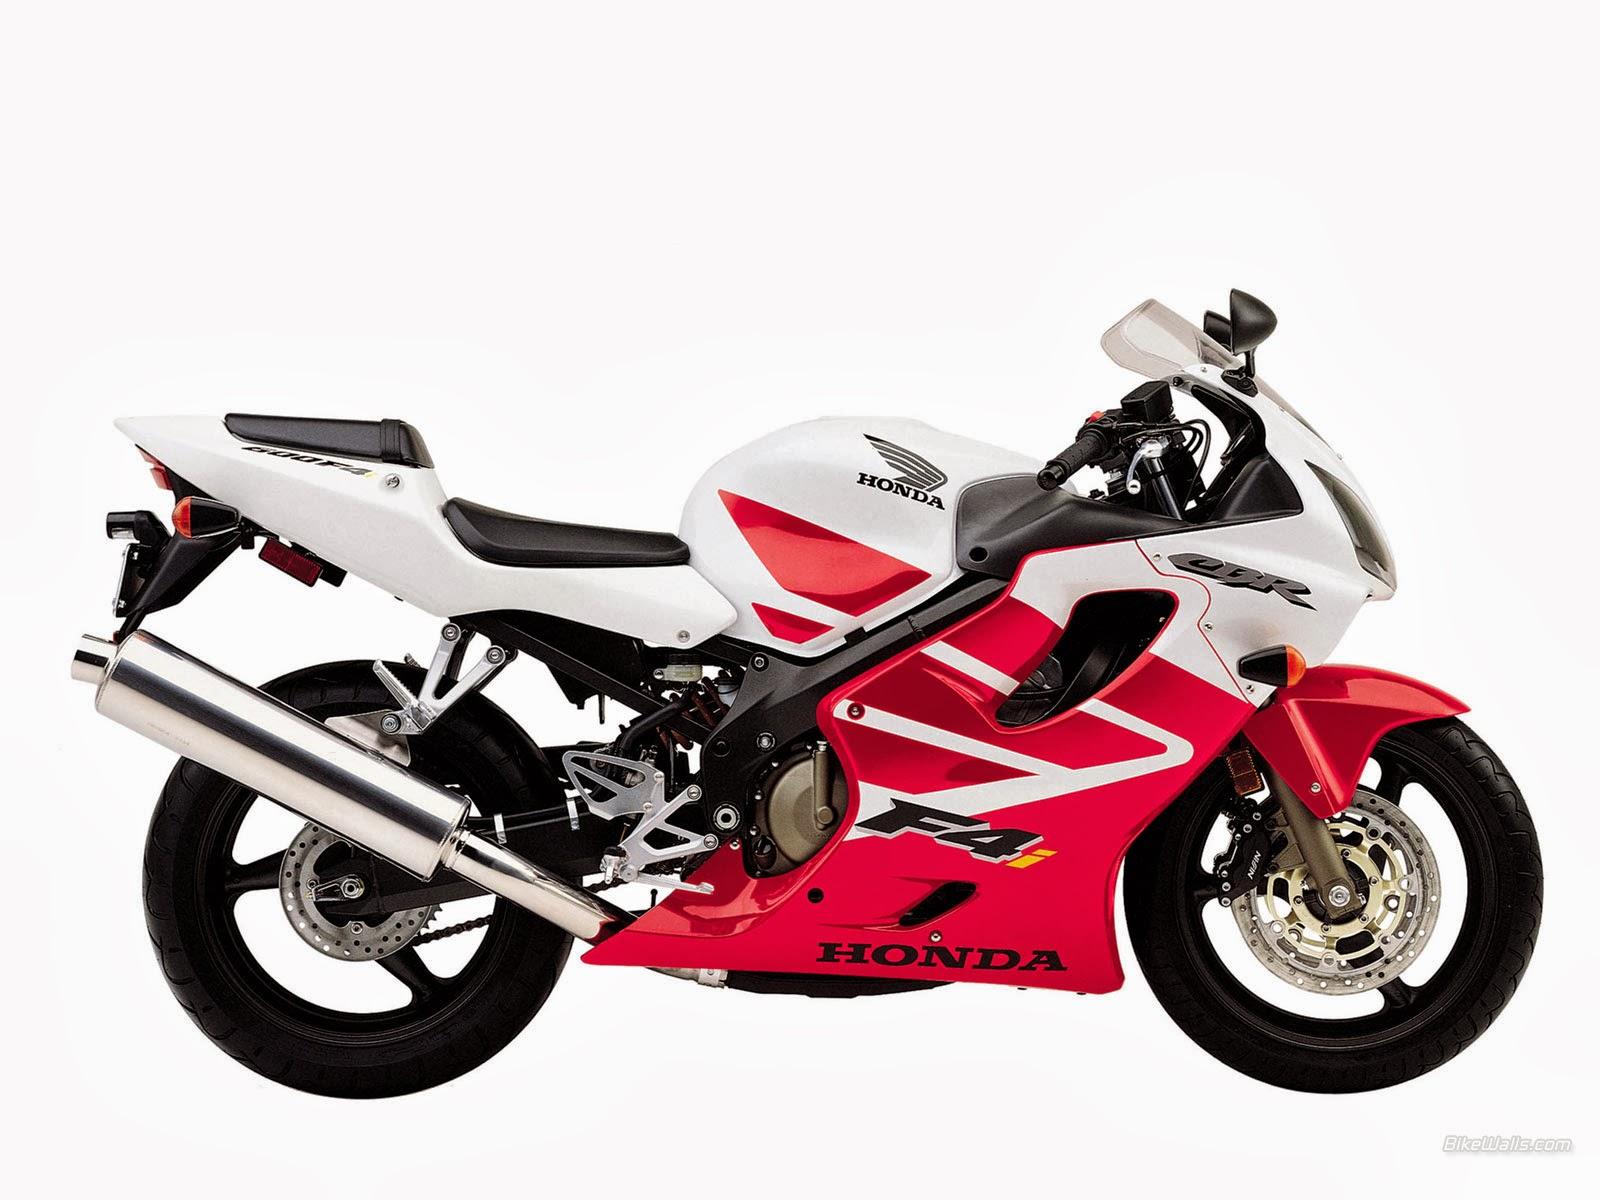 Honda Cbr 600 F4i Honda Motor